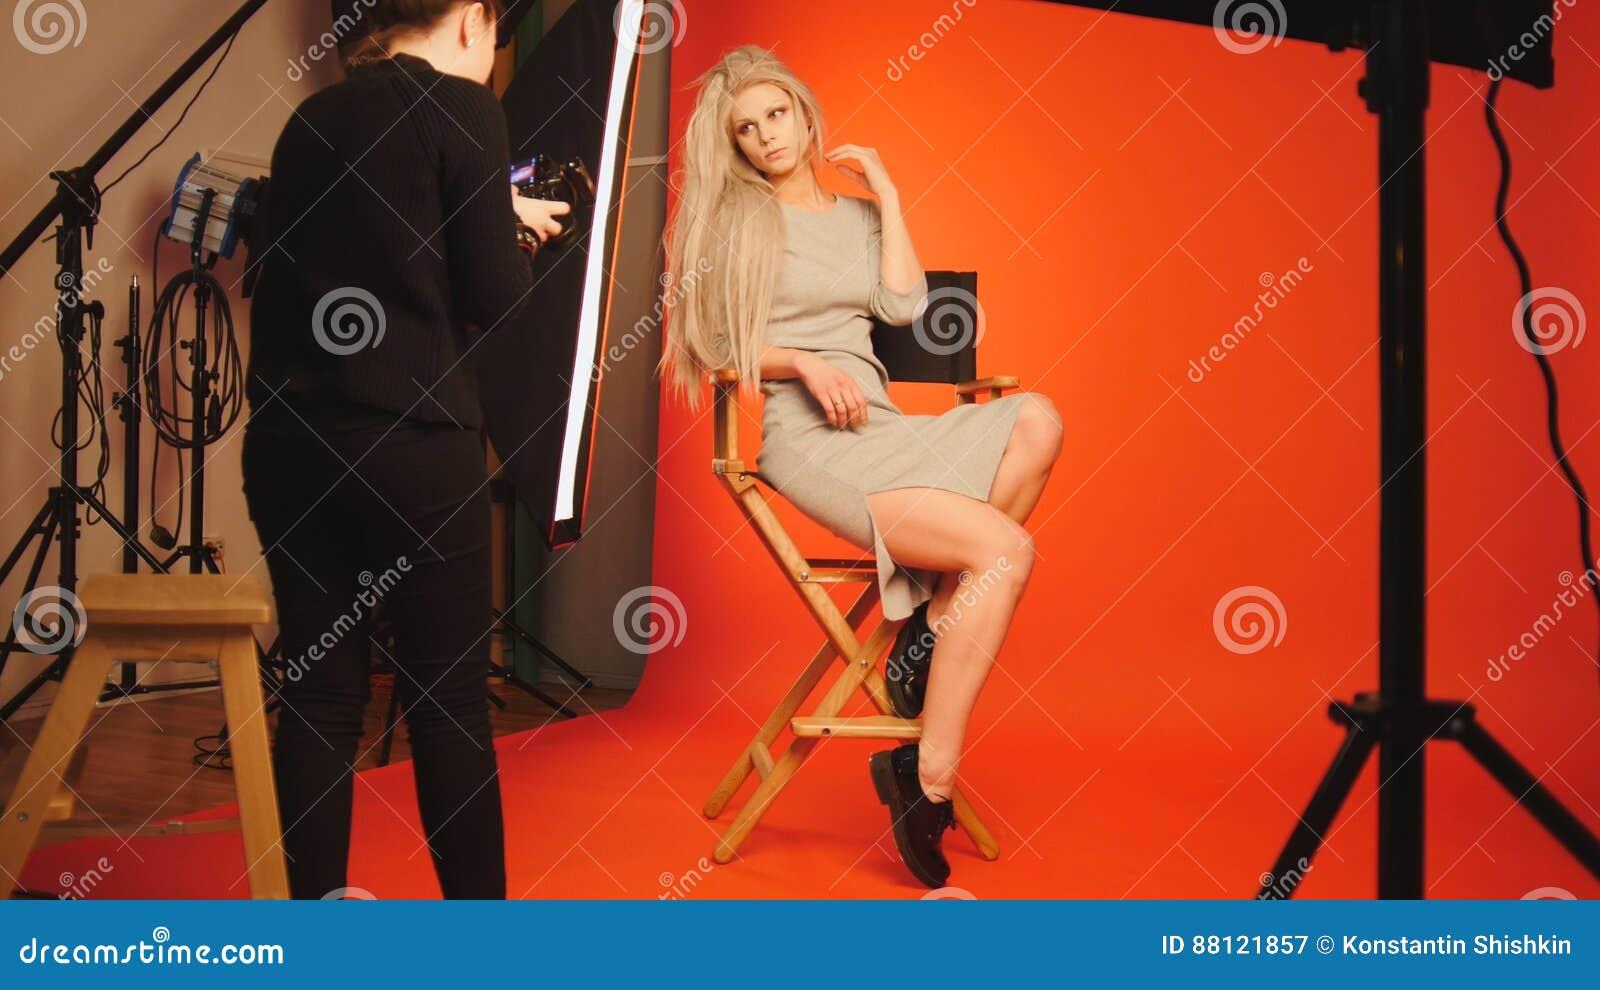 817ed3737e Muchacha rubia que presenta en el estudio para el fotógrafo - fondo del  blanco de la sesión de foto. Imágenes stock más similares